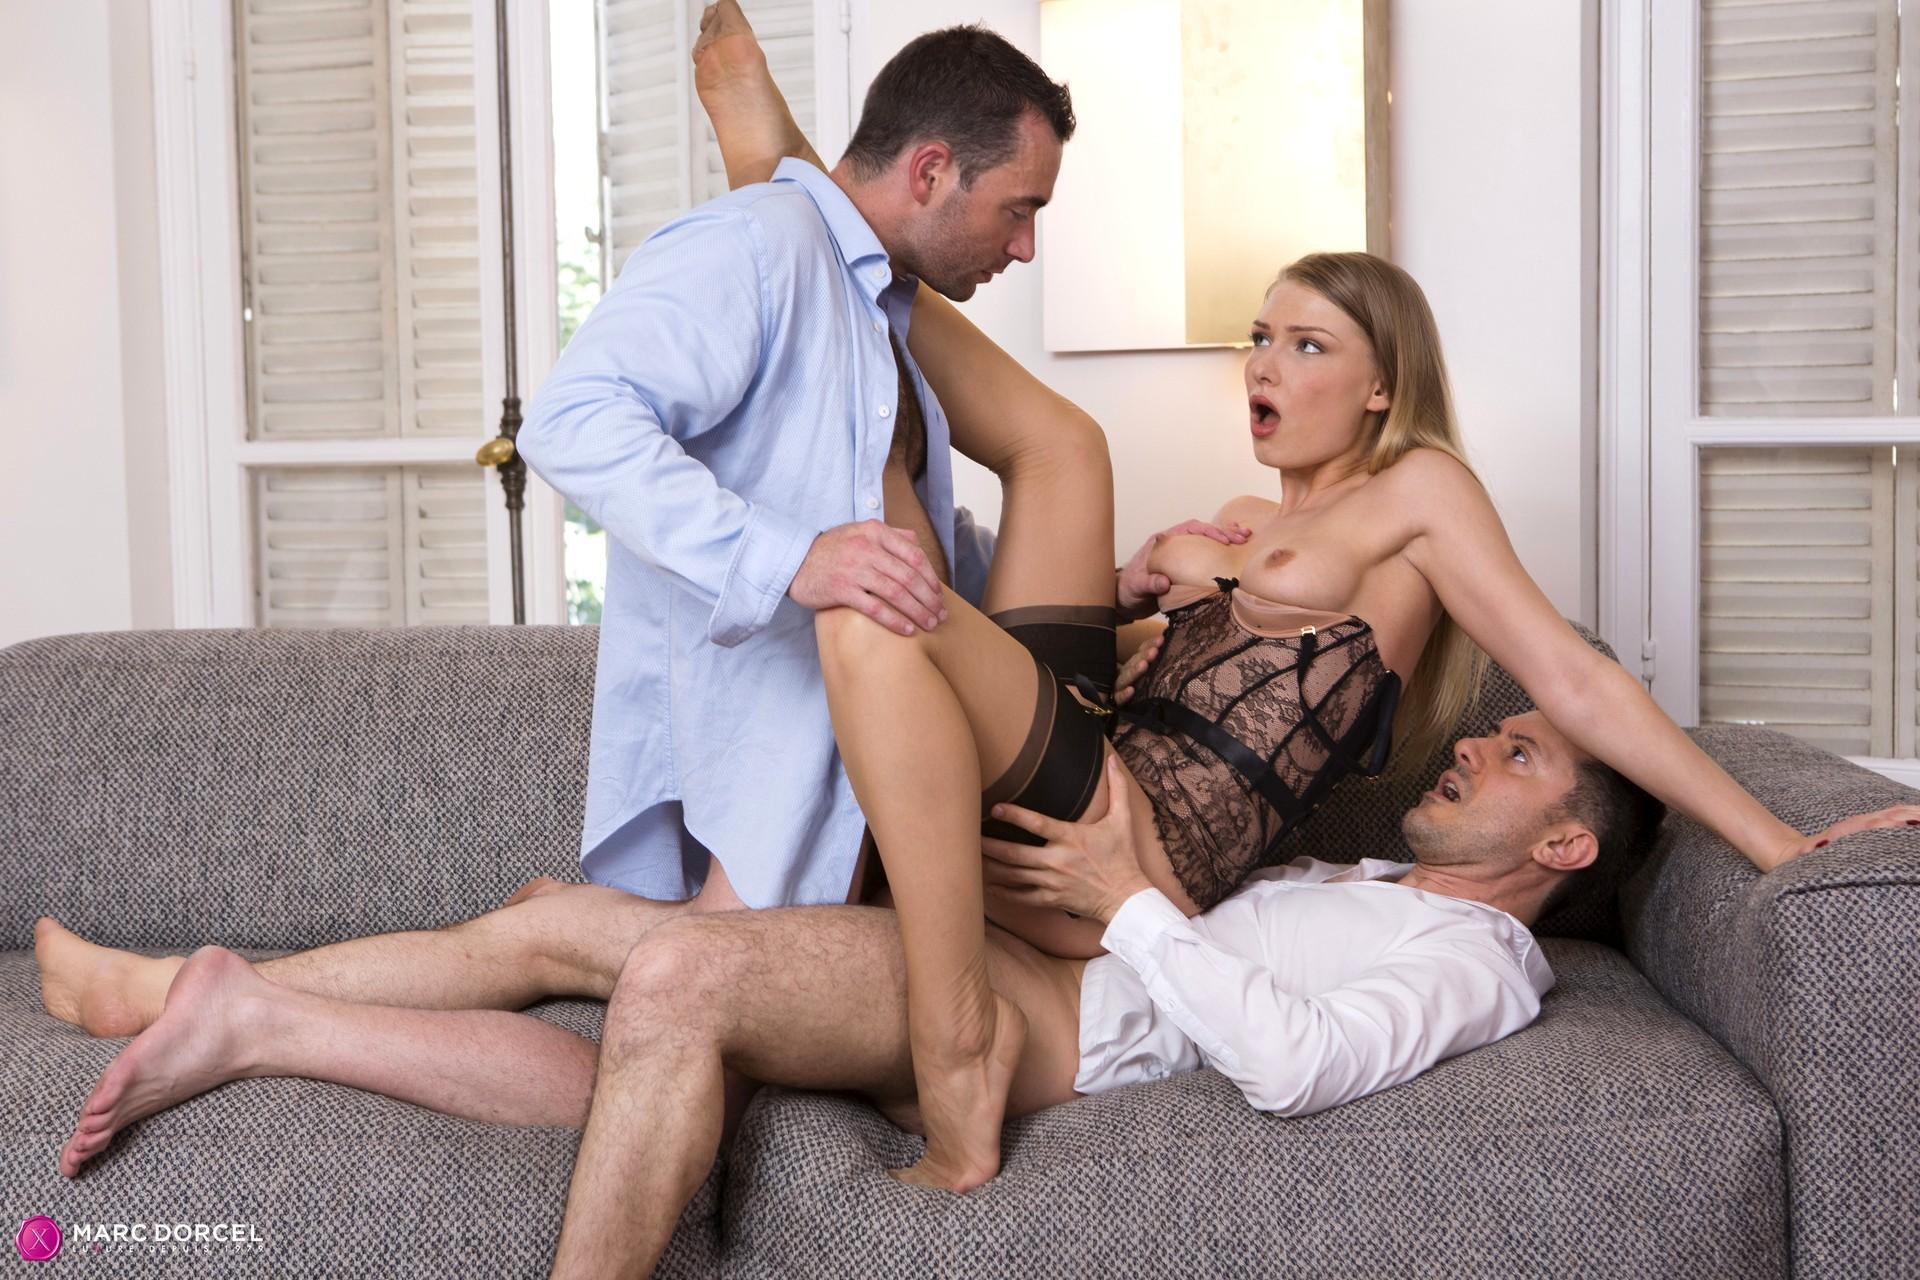 Порно дорсель муж привел жену к любовнику